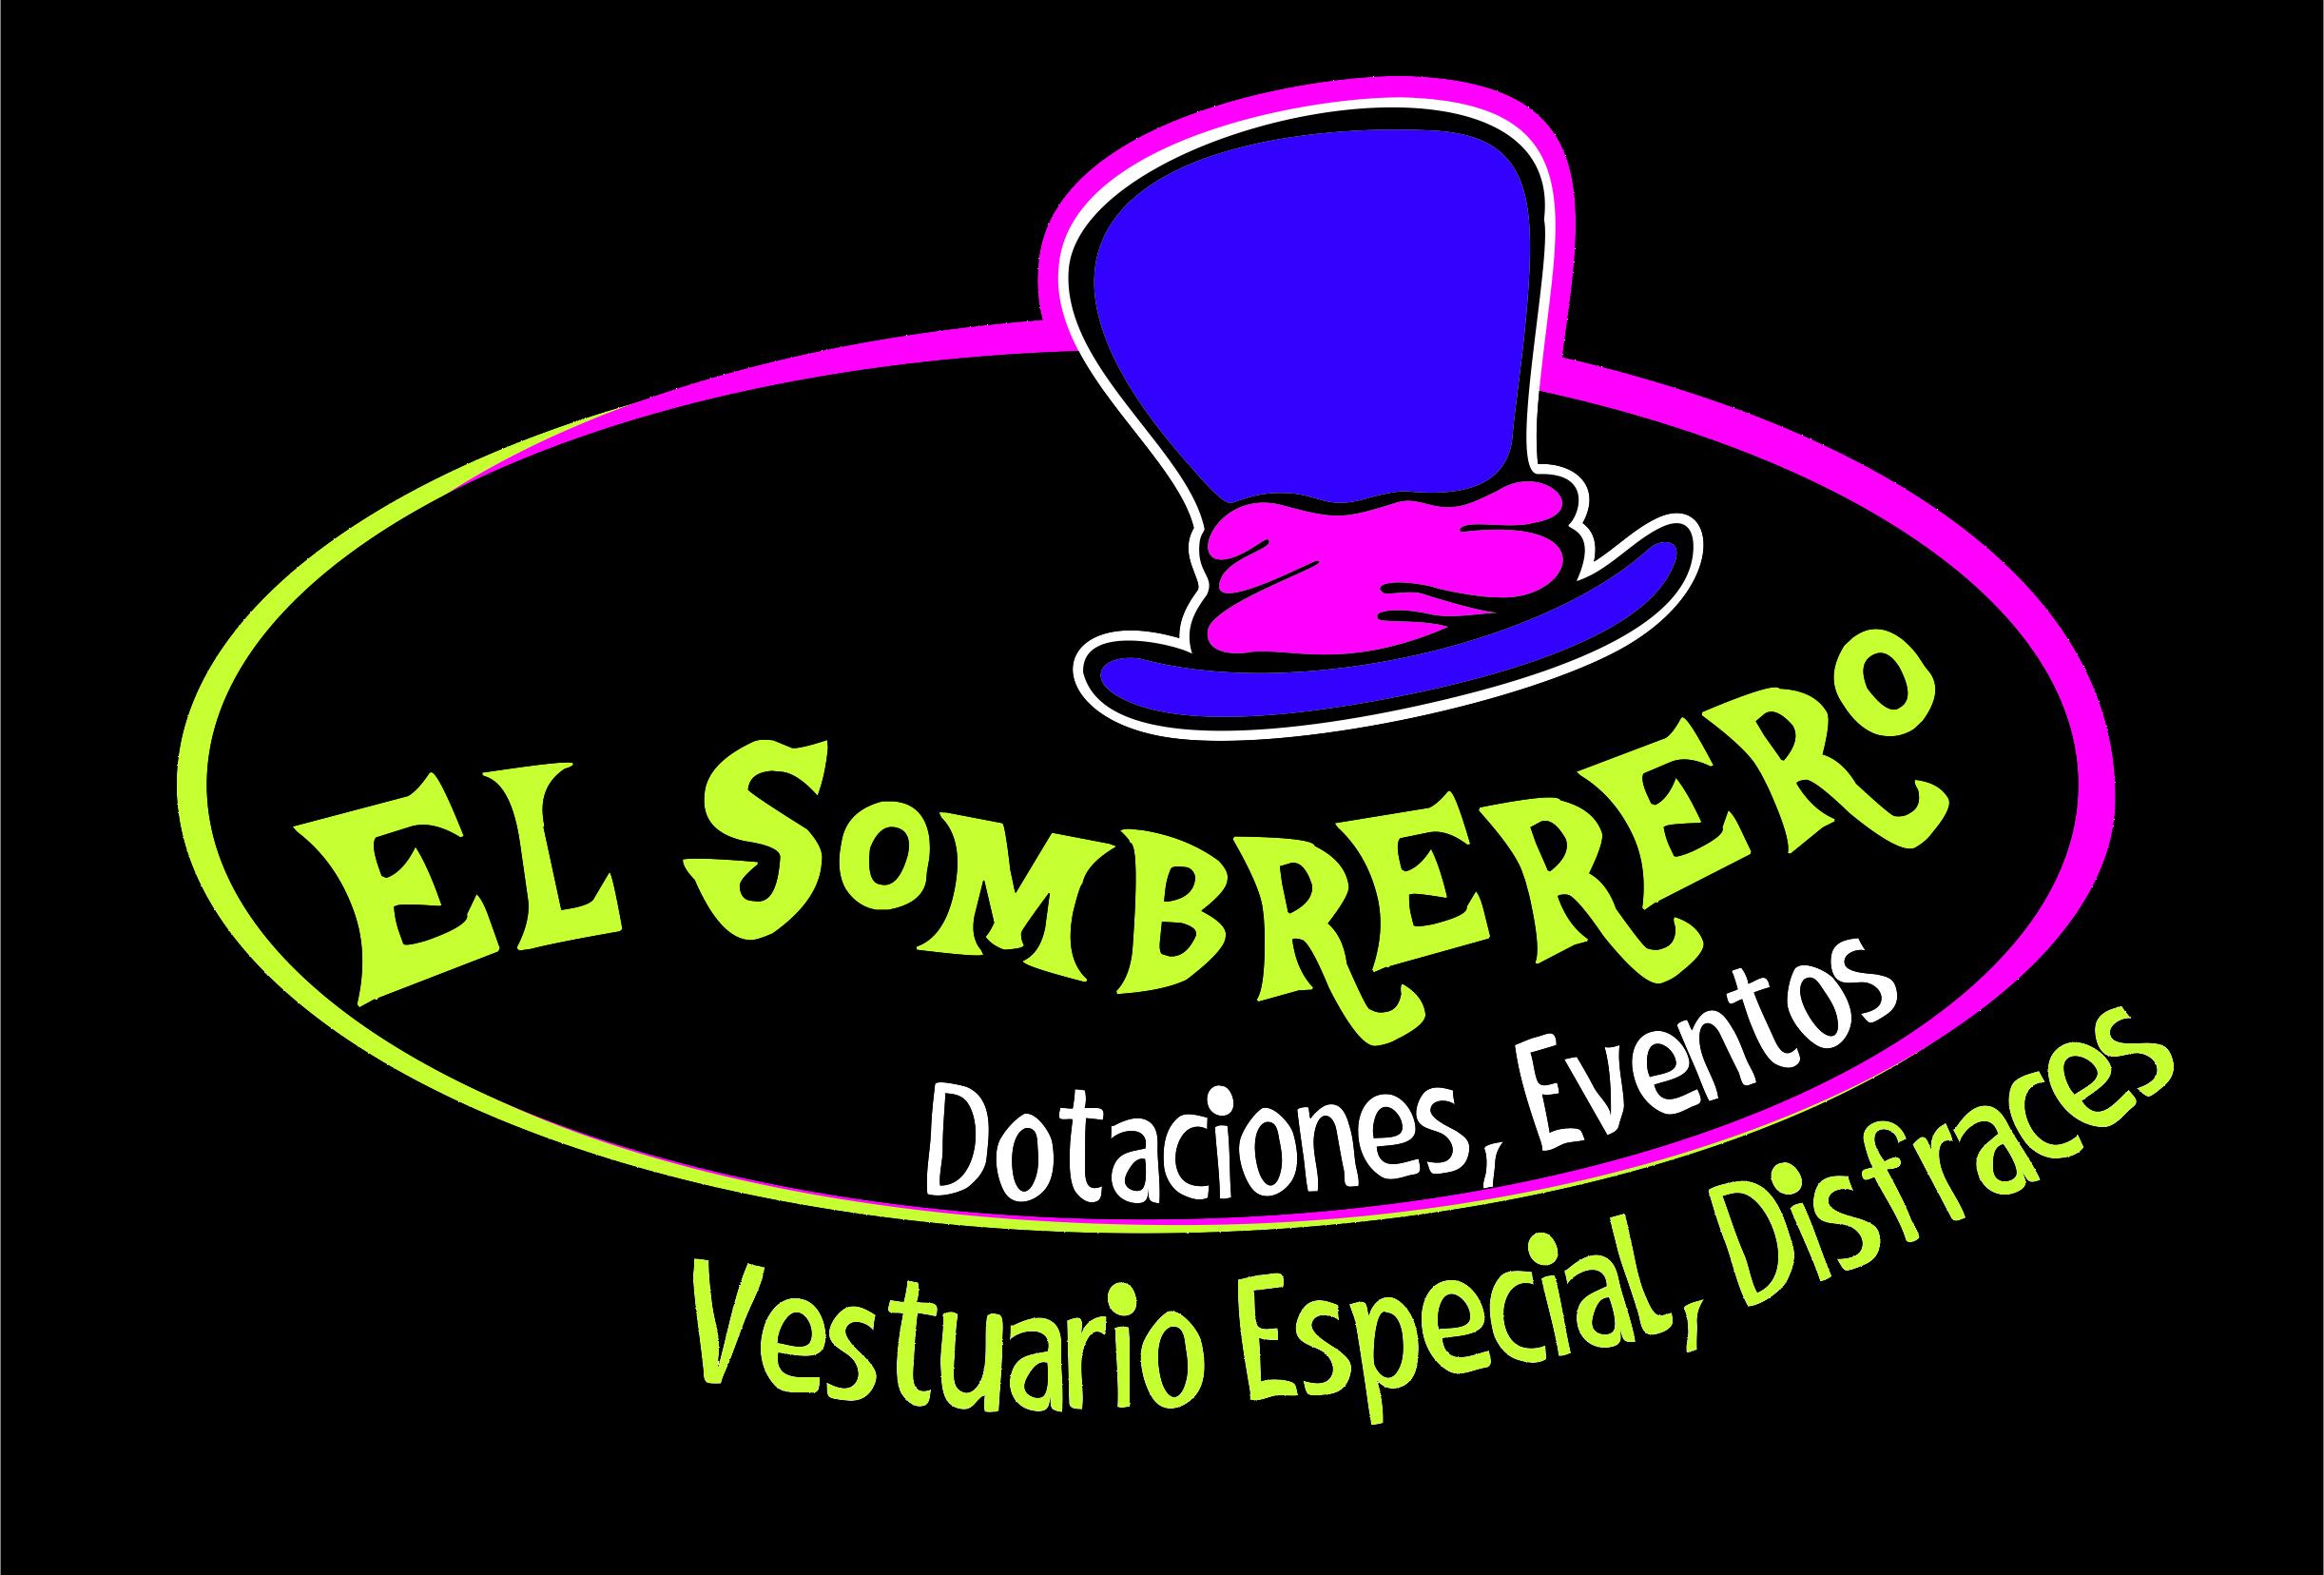 EL SOMBRERERO DISFRACES Y VESTUARIO ESPECIAL